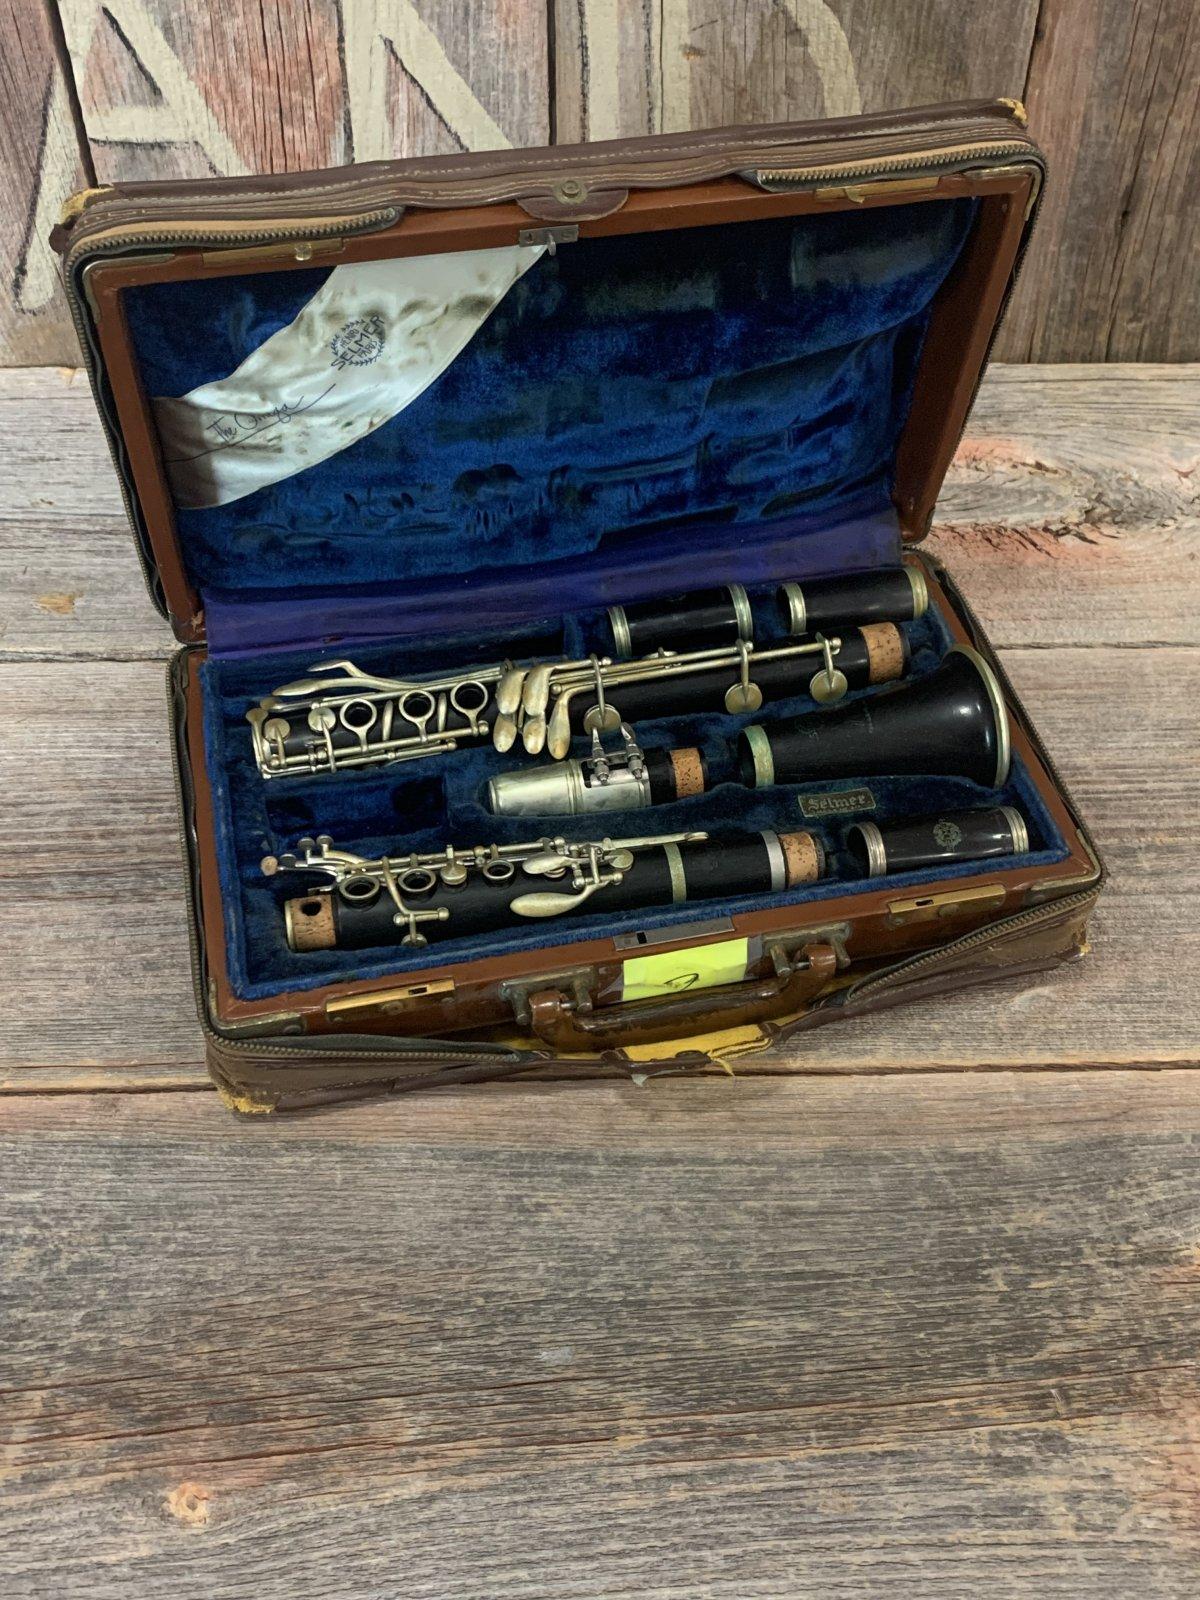 Selmer Paris Clarinet Full Boehm Extended Range 1927